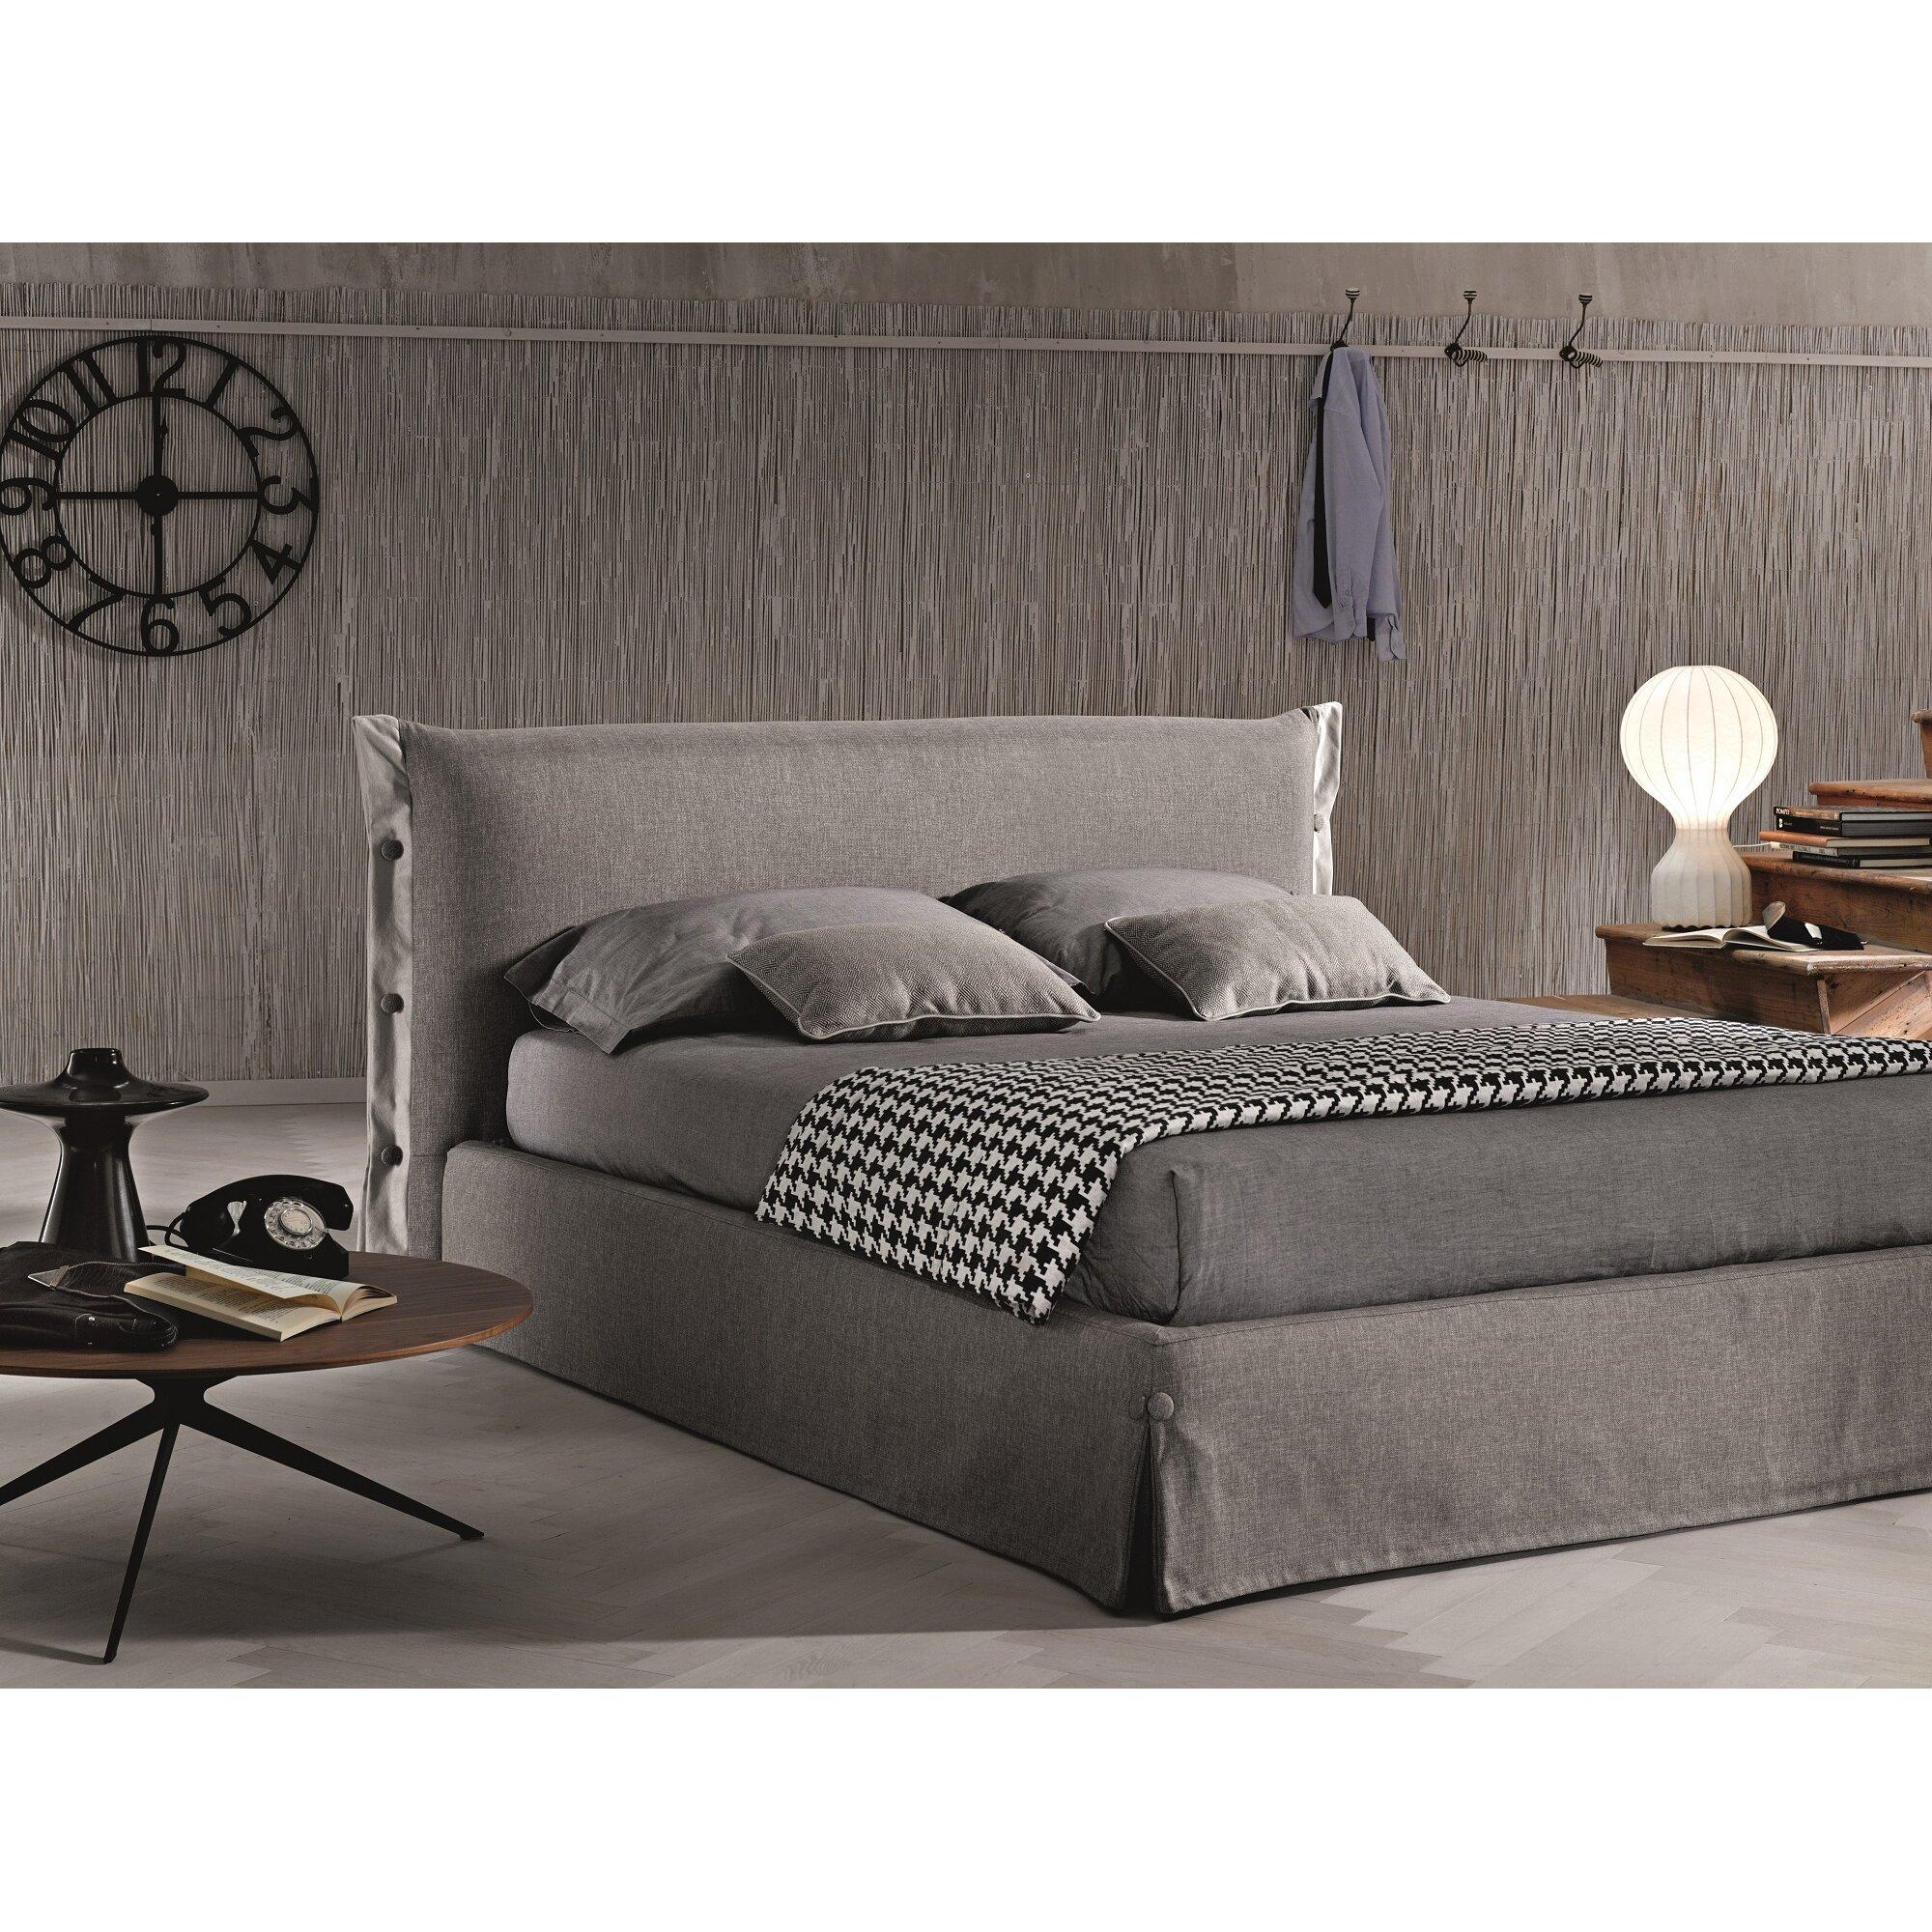 J M Furniture Upholstered Storage Platform Bed Reviews Wayfair